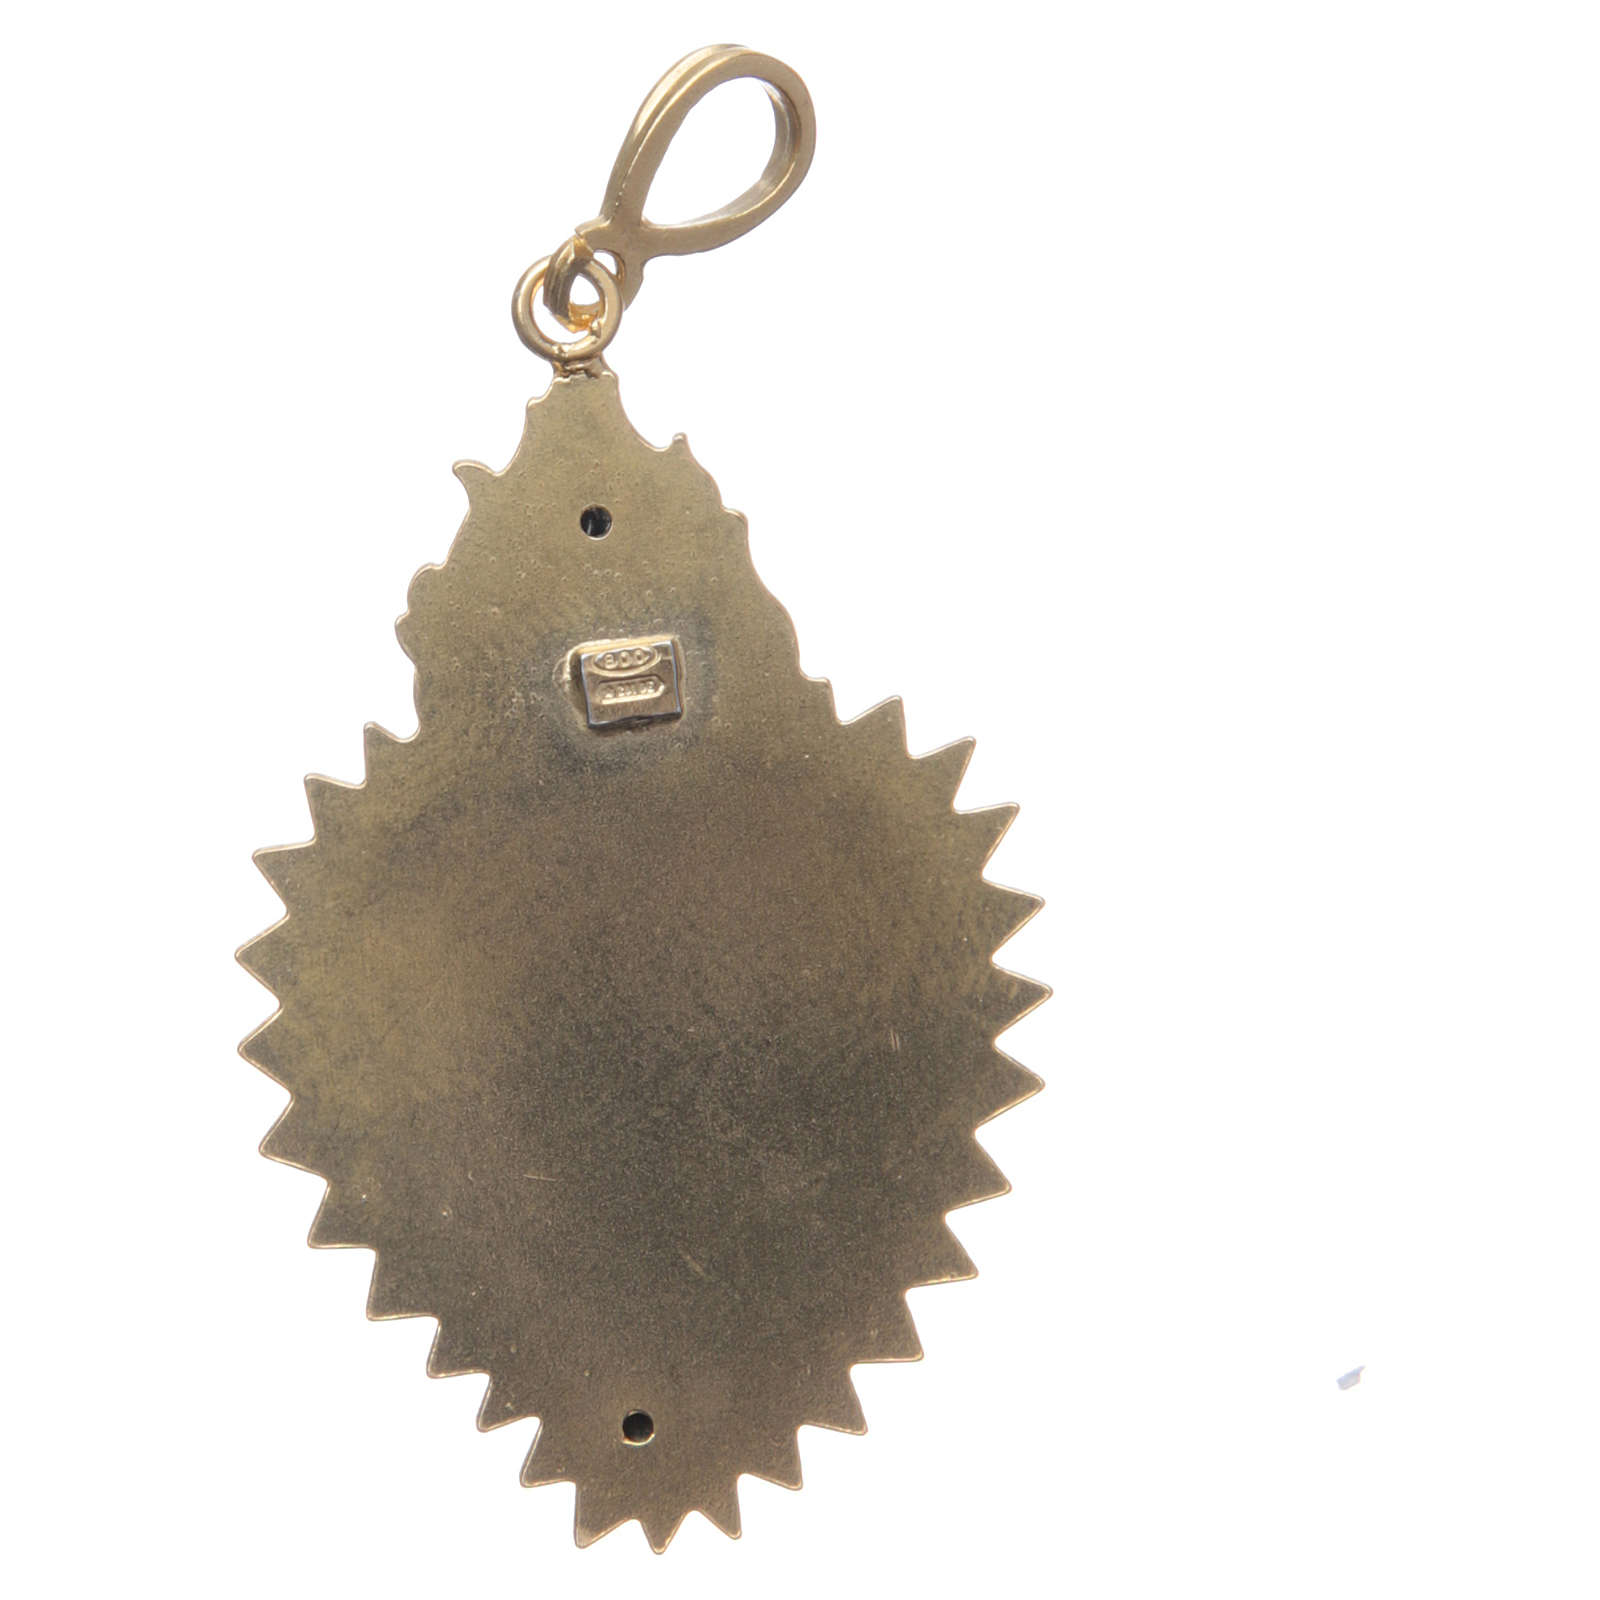 Pendentif coeur votif argent 800 doré. Ce coeur 4